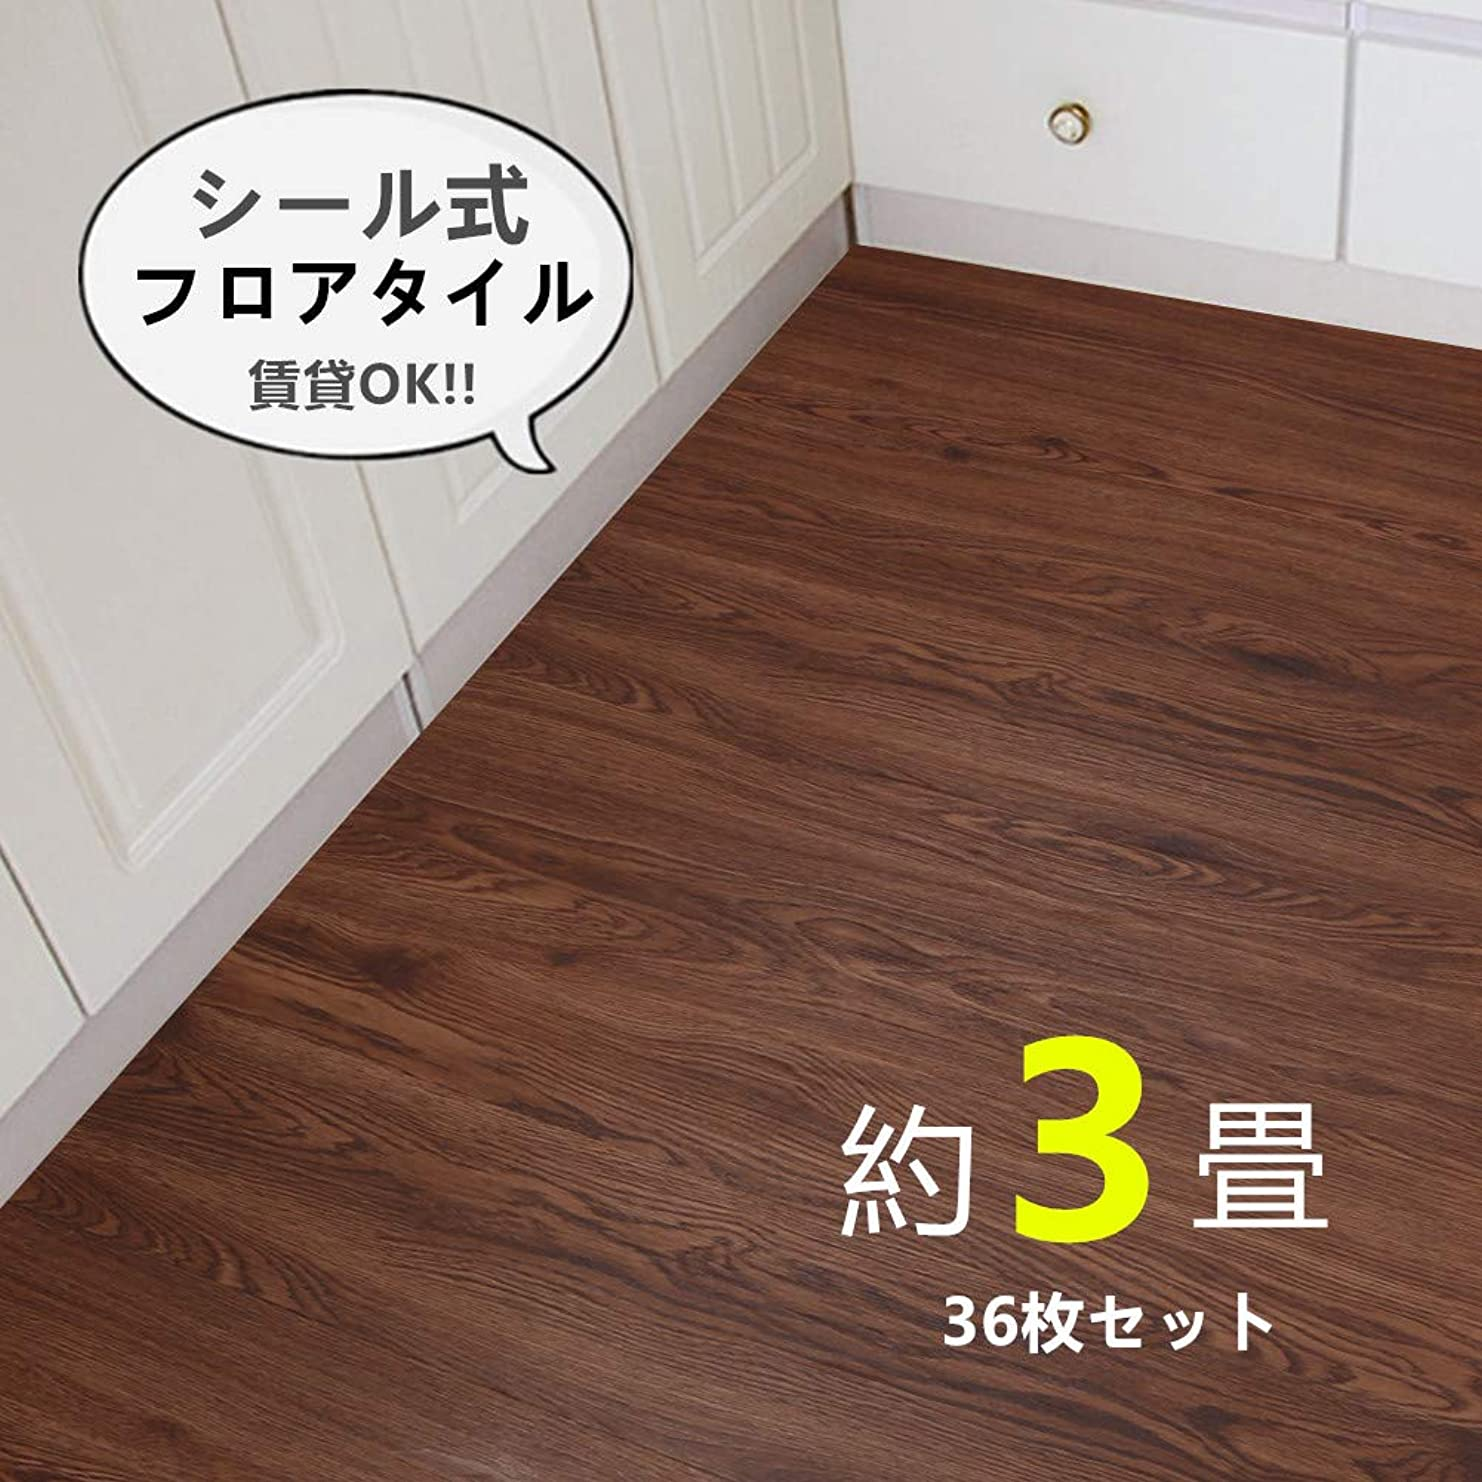 地域の大胆連想フロアタイル 置くだけ 3畳 36枚セット フローリング フロアタイル 木目調 シール式貼るだけフローリングタイル 何度も使える 床材 フローリングシート 簡単DIYリフォーム